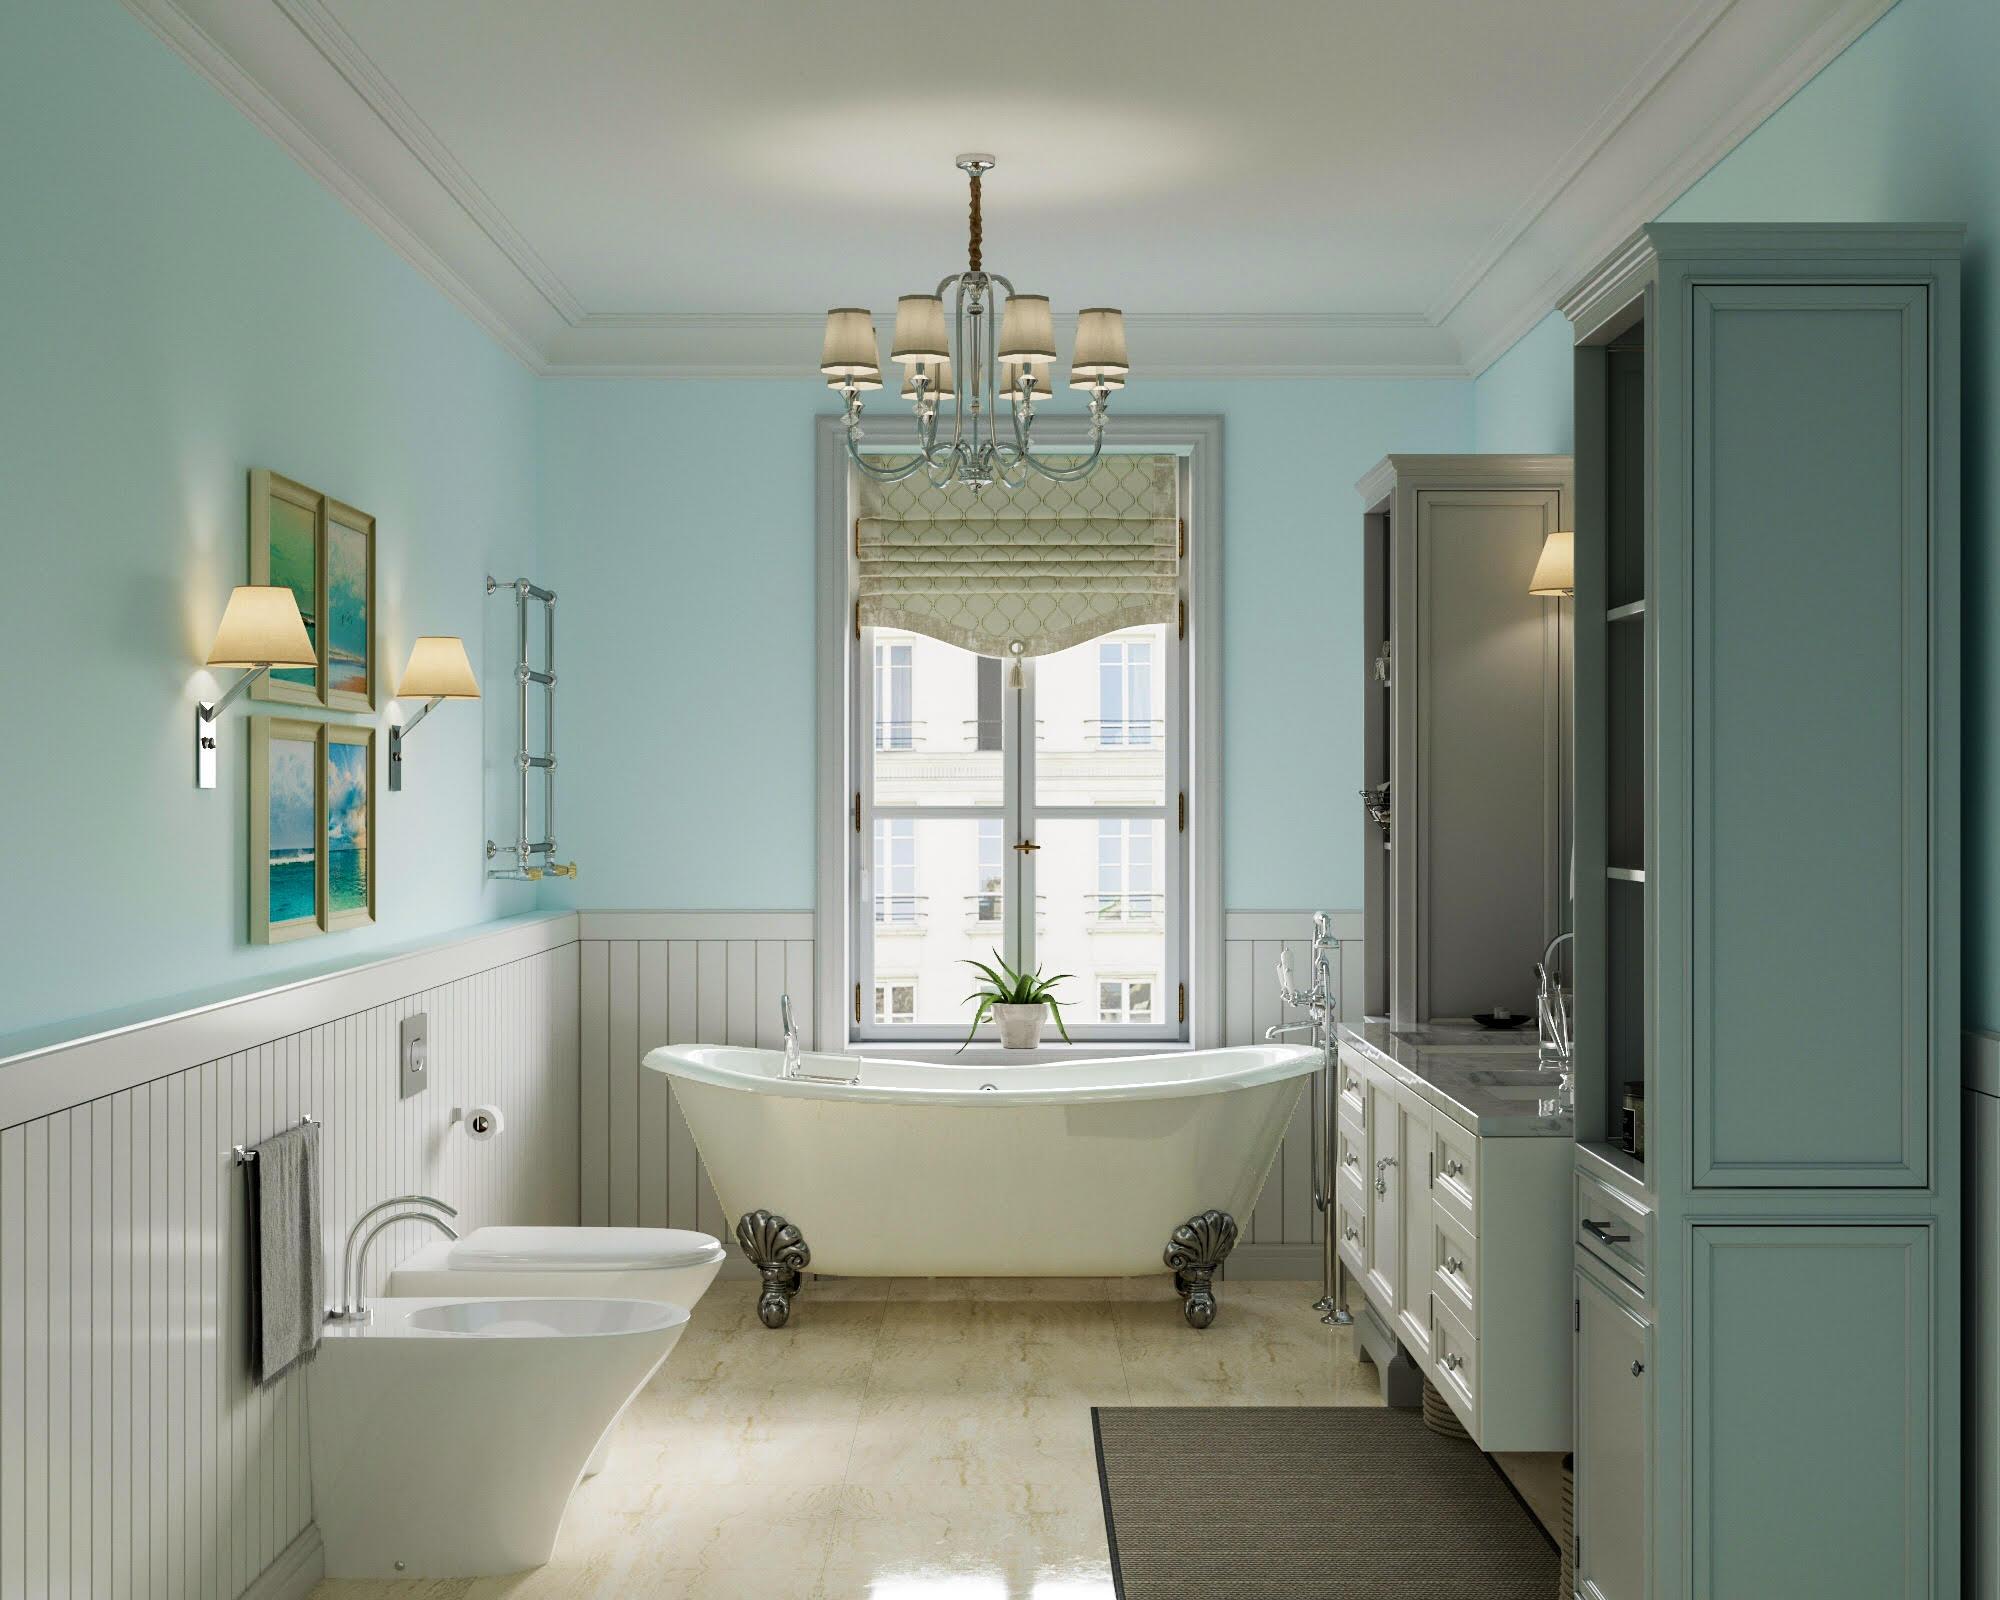 Фото Дизайн интерьера ванной комнаты.